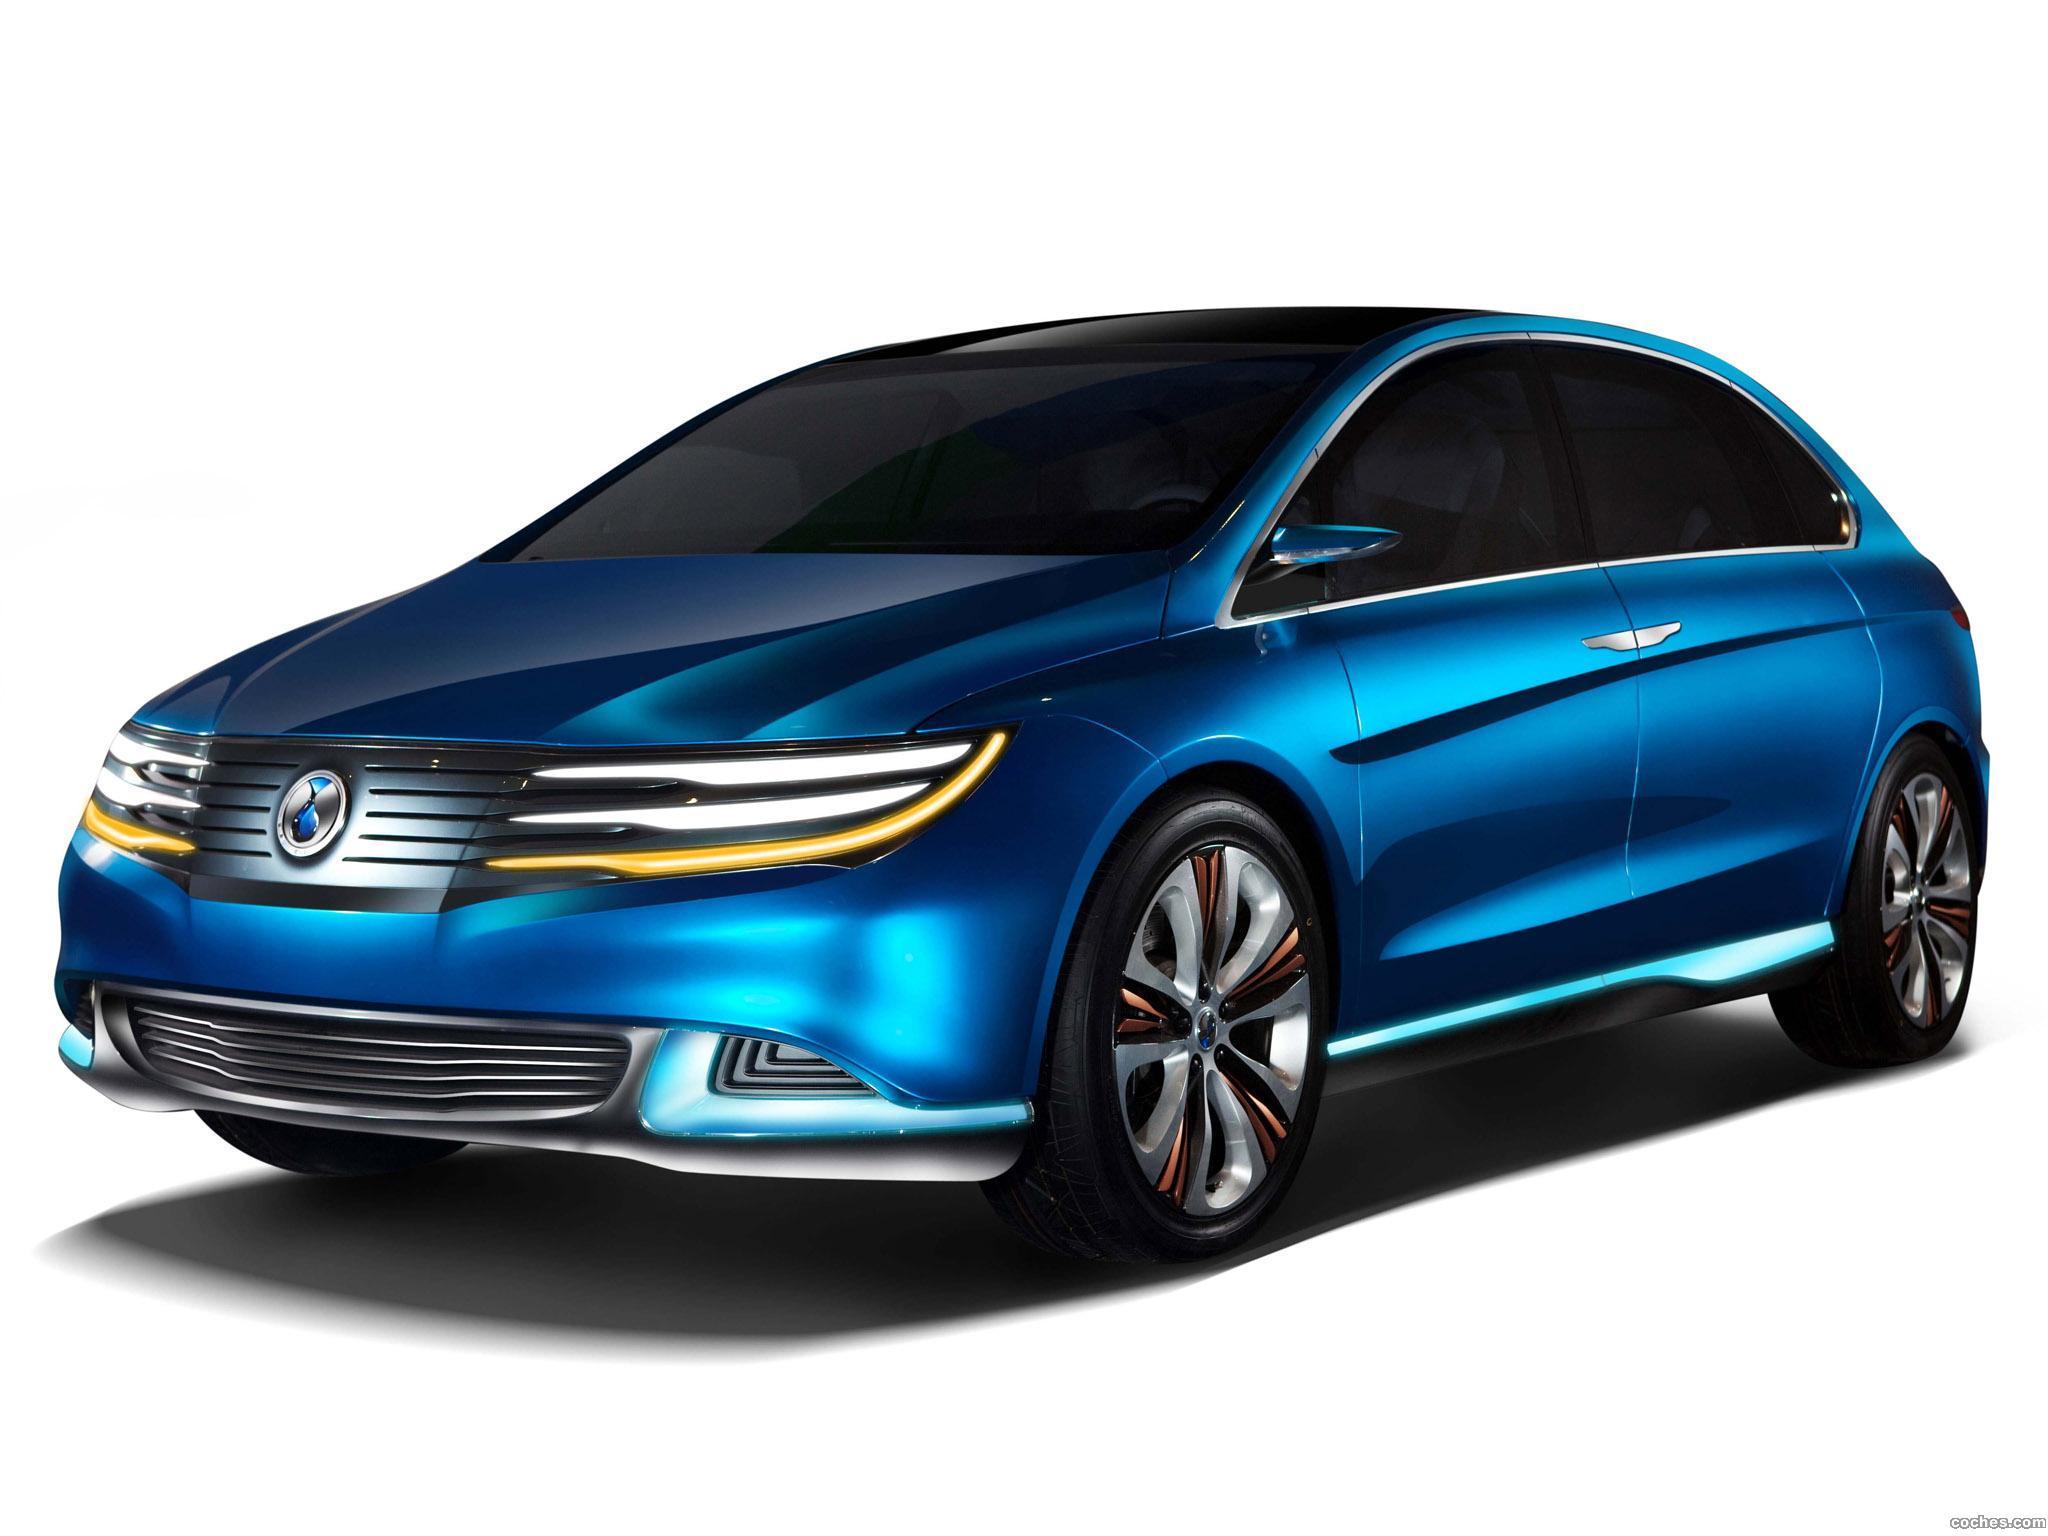 Foto 0 de Denza All Electric Concept Car 2012